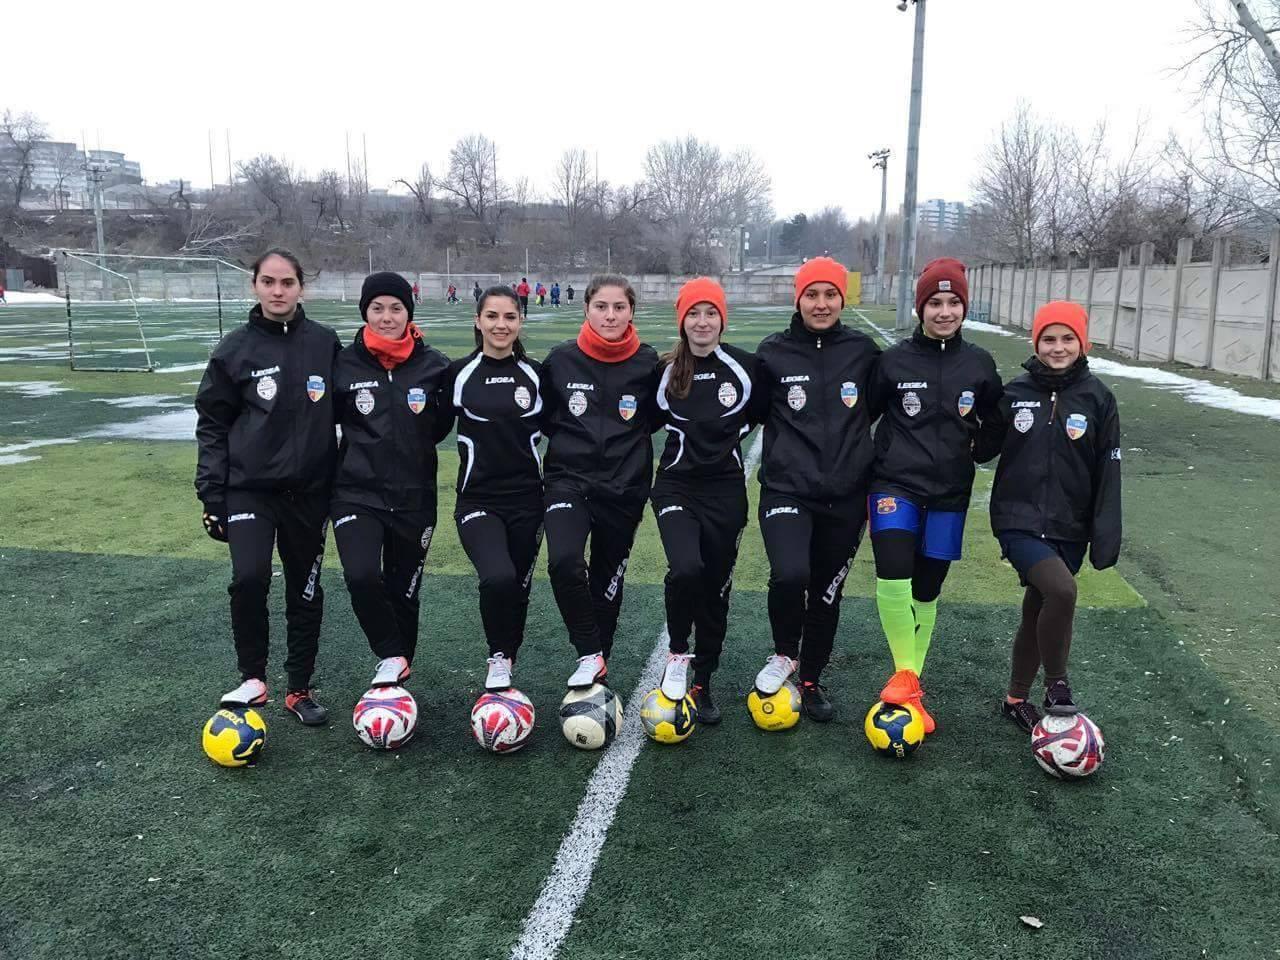 Echipa fotbal feminin Galati